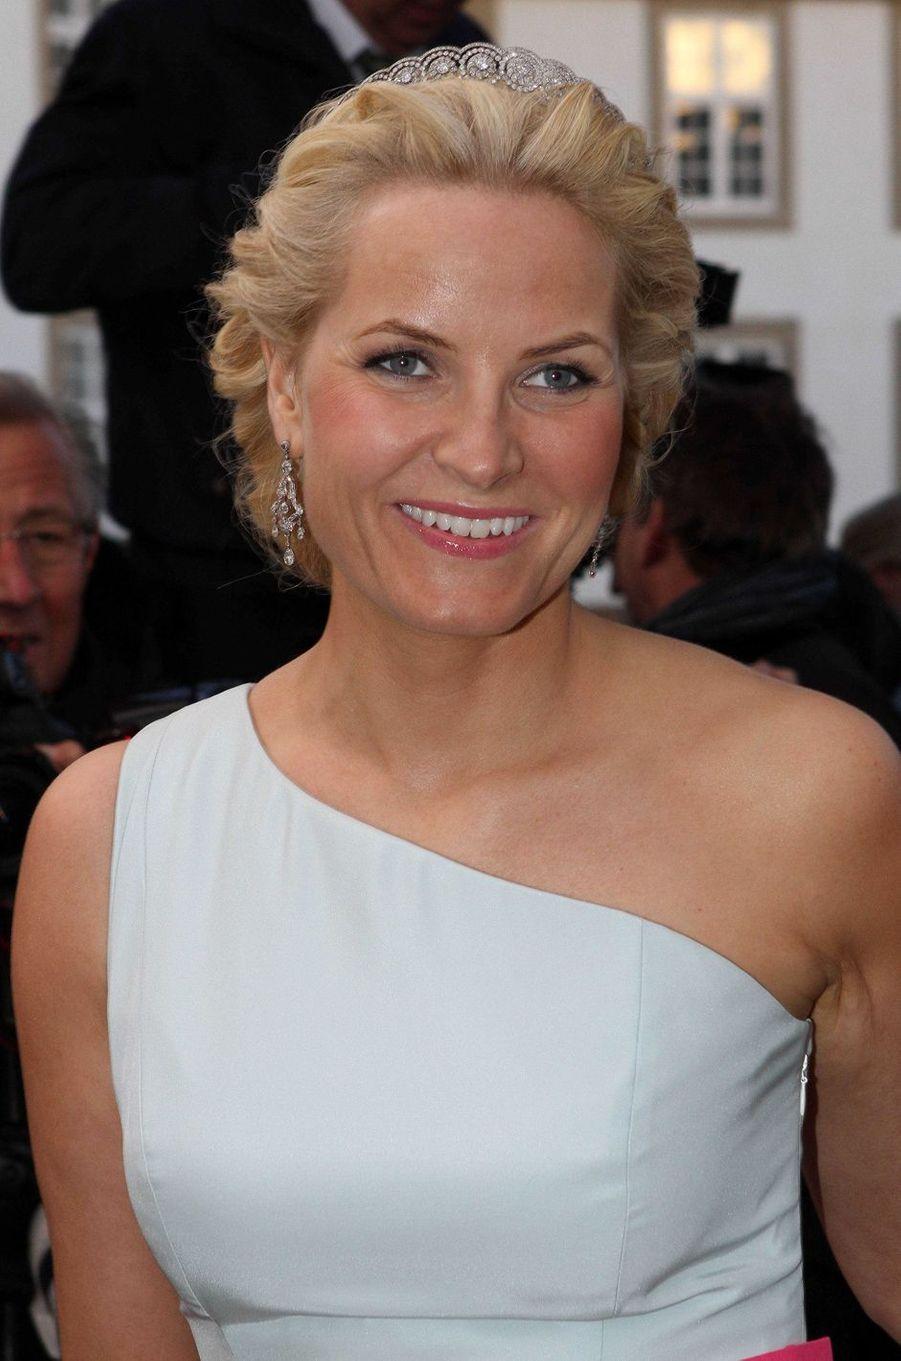 La princesse Mette-Marit de Norvège, le 16 avril 2010